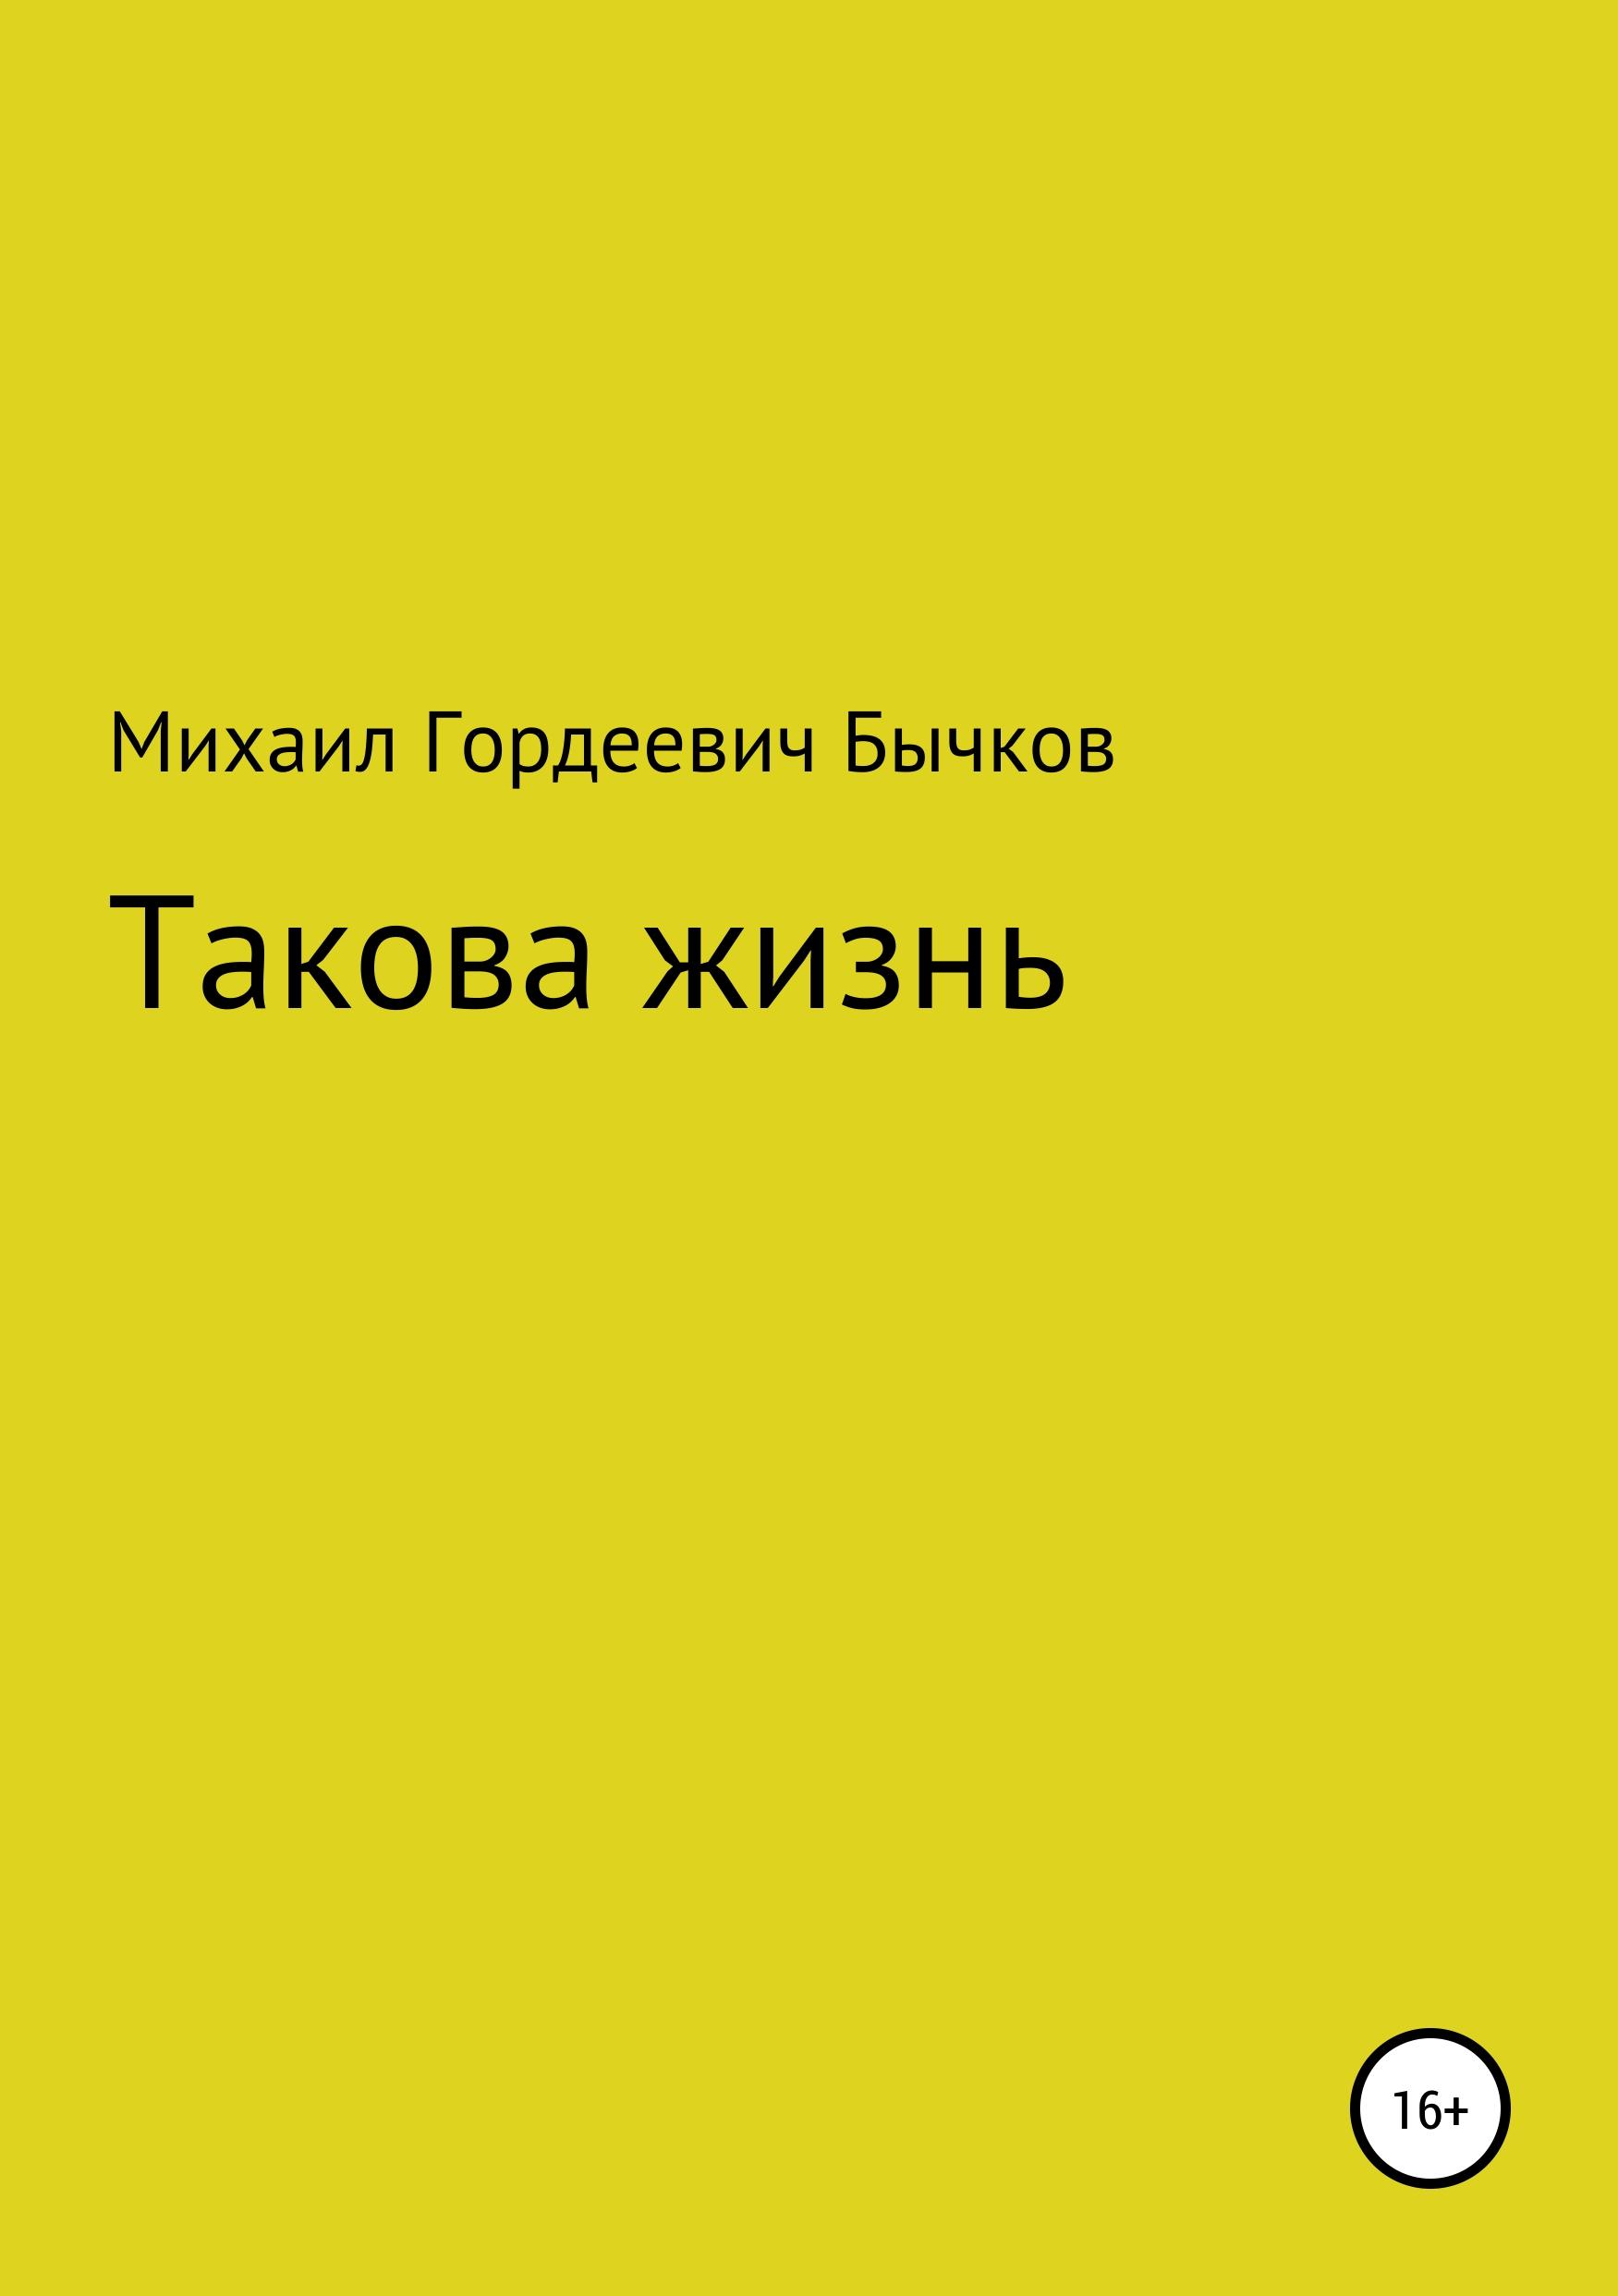 Михаил Гордеевич Бычков Такова жизнь михаил гордеевич бычков северное сияние